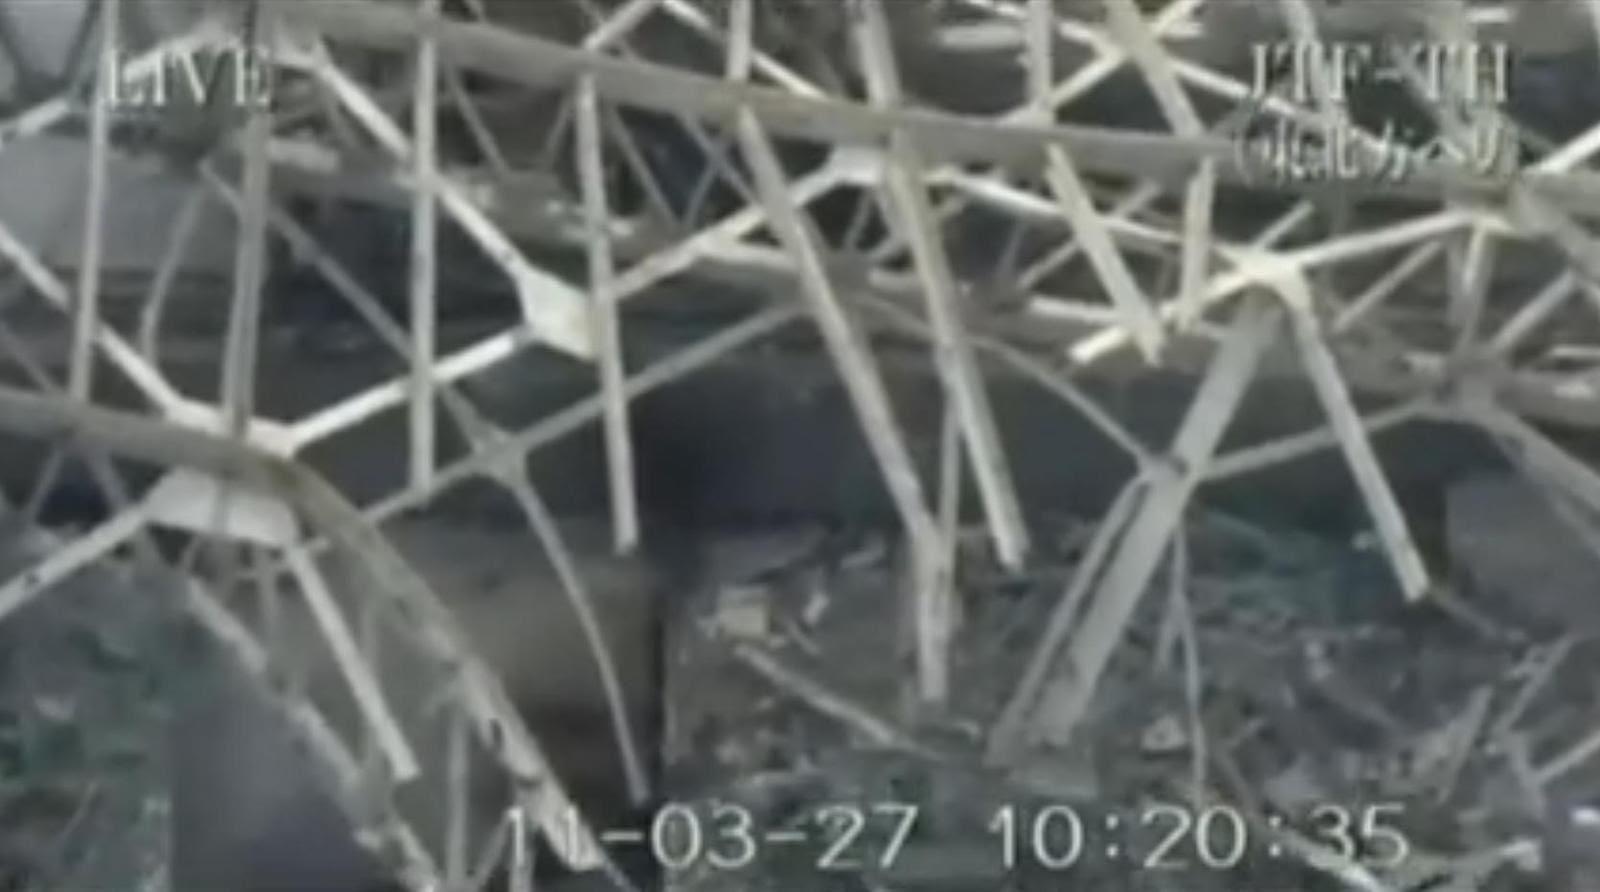 Fig. 94 : Piscine d'équipement vide le 27 mars 2011 (cavité en bas à gauche)